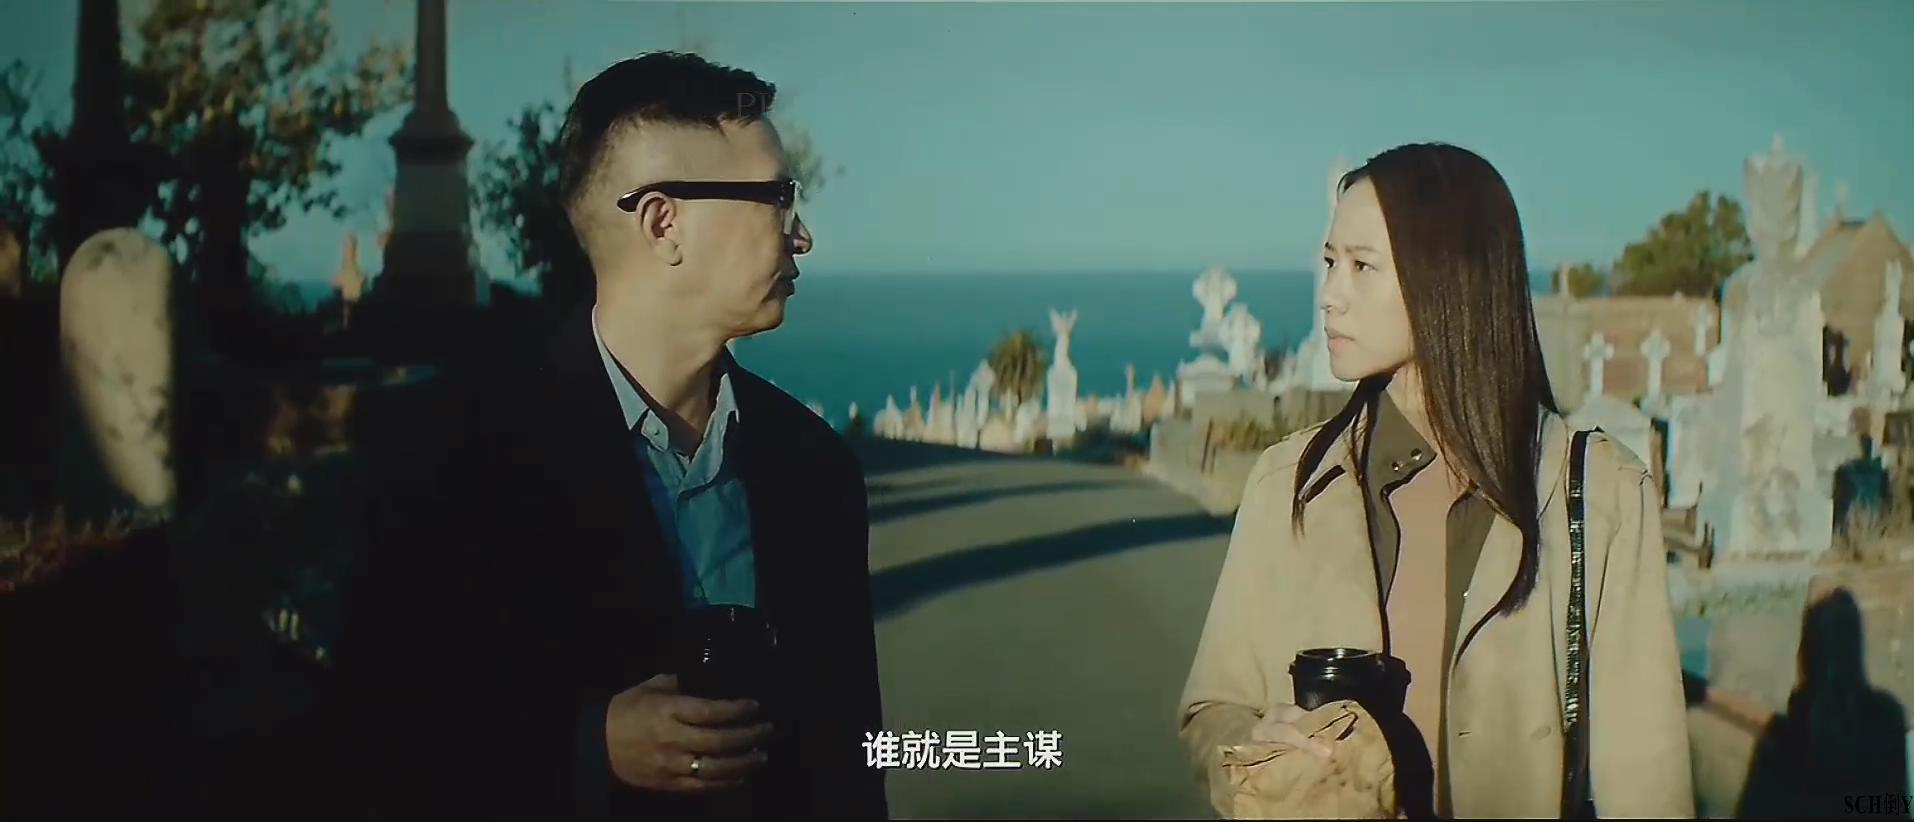 电影《廉政风云》迅雷资源下载地址 2019年中国香港犯罪悬疑剧情电影[HD1080P-MP4]